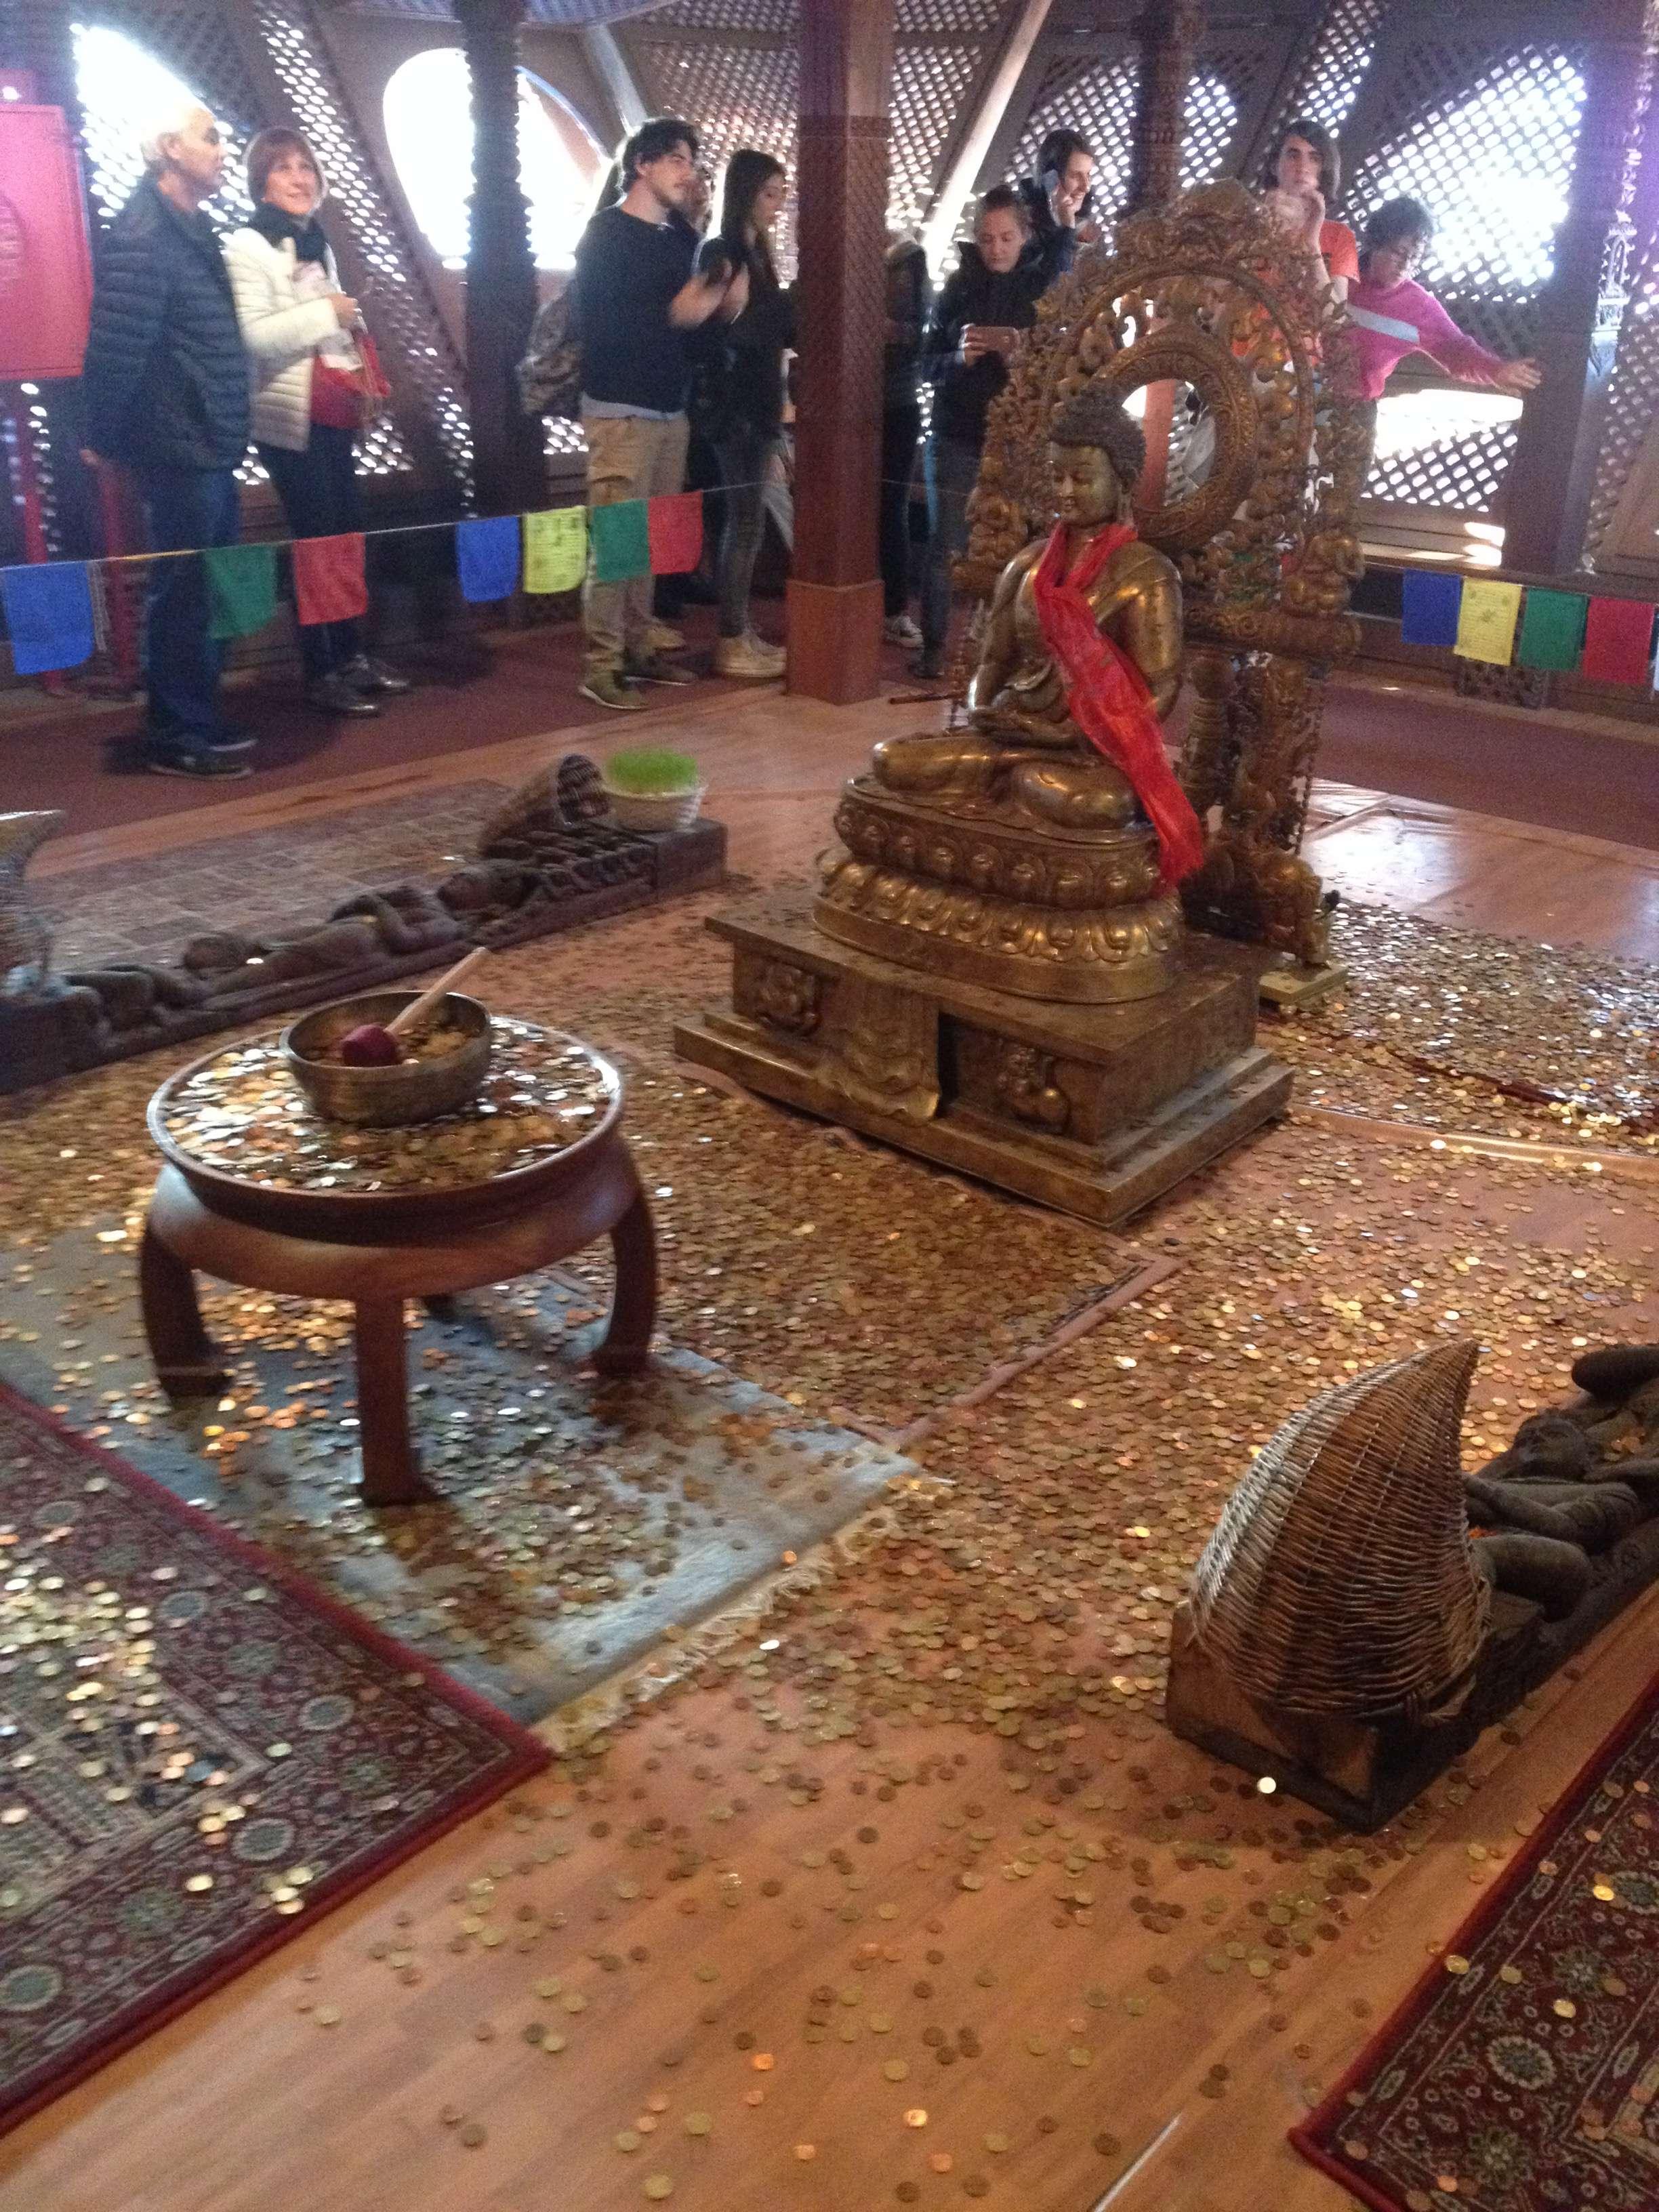 Interiorul teplului nepalez de la Expo 2015